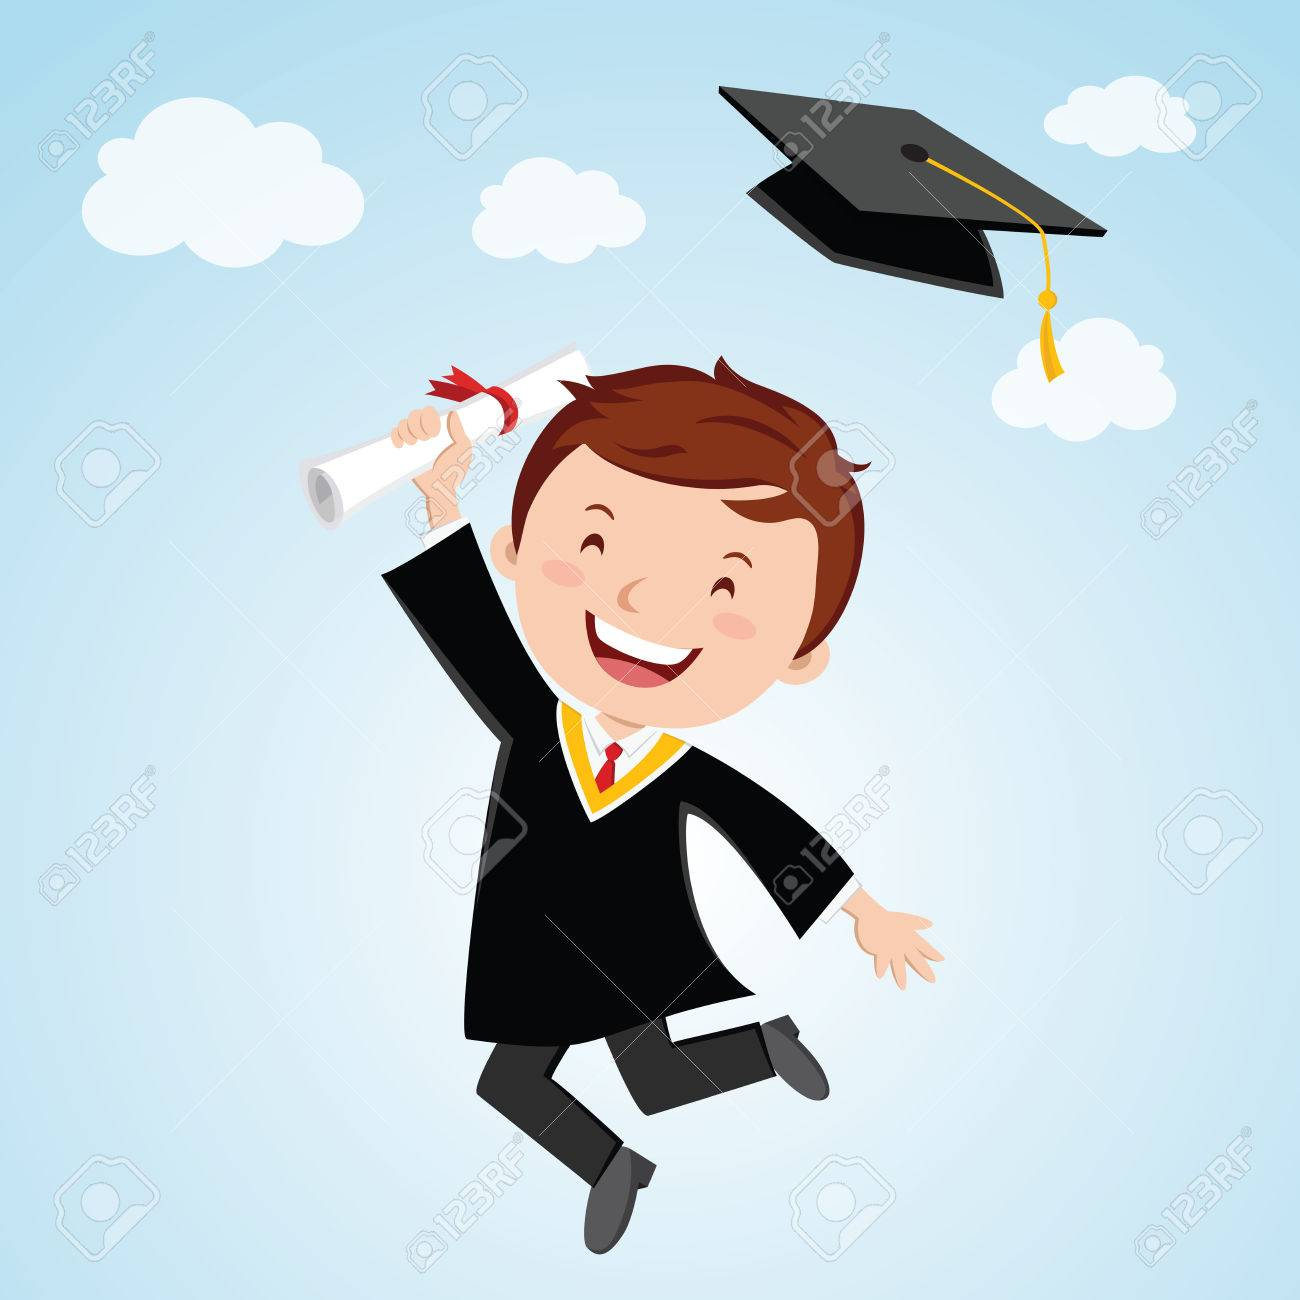 Bon Anniversaire Un Joyeux Jeune Homme Diplômé Titulaire Dun Certificat Sautant De Joie